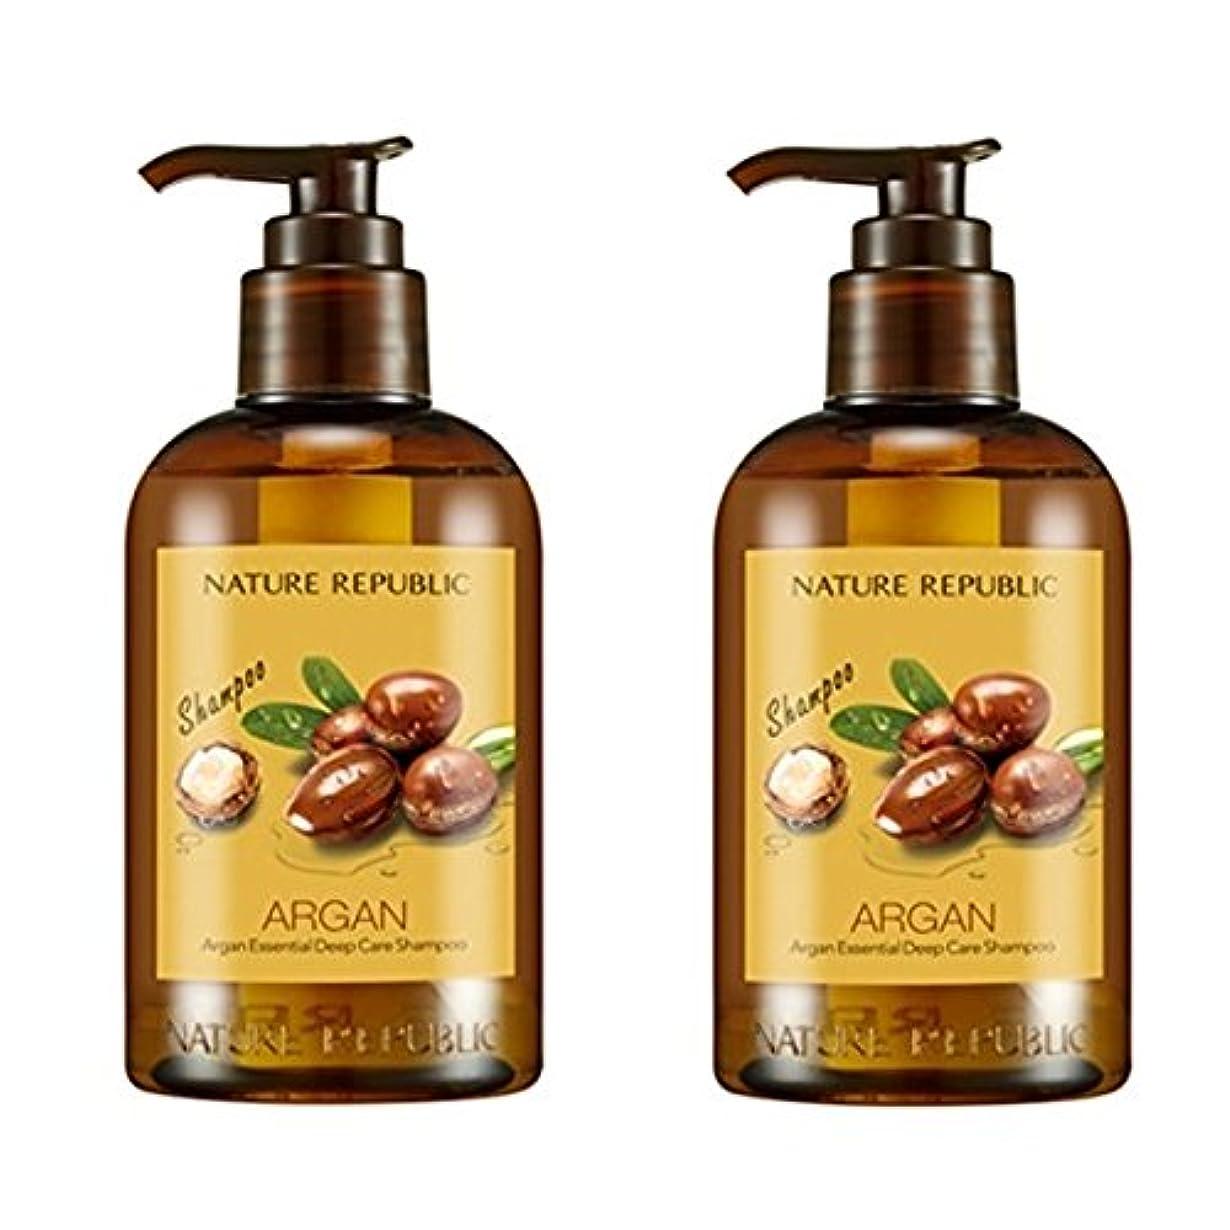 自己尊重急勾配の気づくネイチャーリパブリック(NATURE REPUBLIC) アルガン エッセンシャル ディープ ケア シャンプー x 2本 (Argan Essential Deep Care Shampoo x2pcs Set) [並行輸入品]